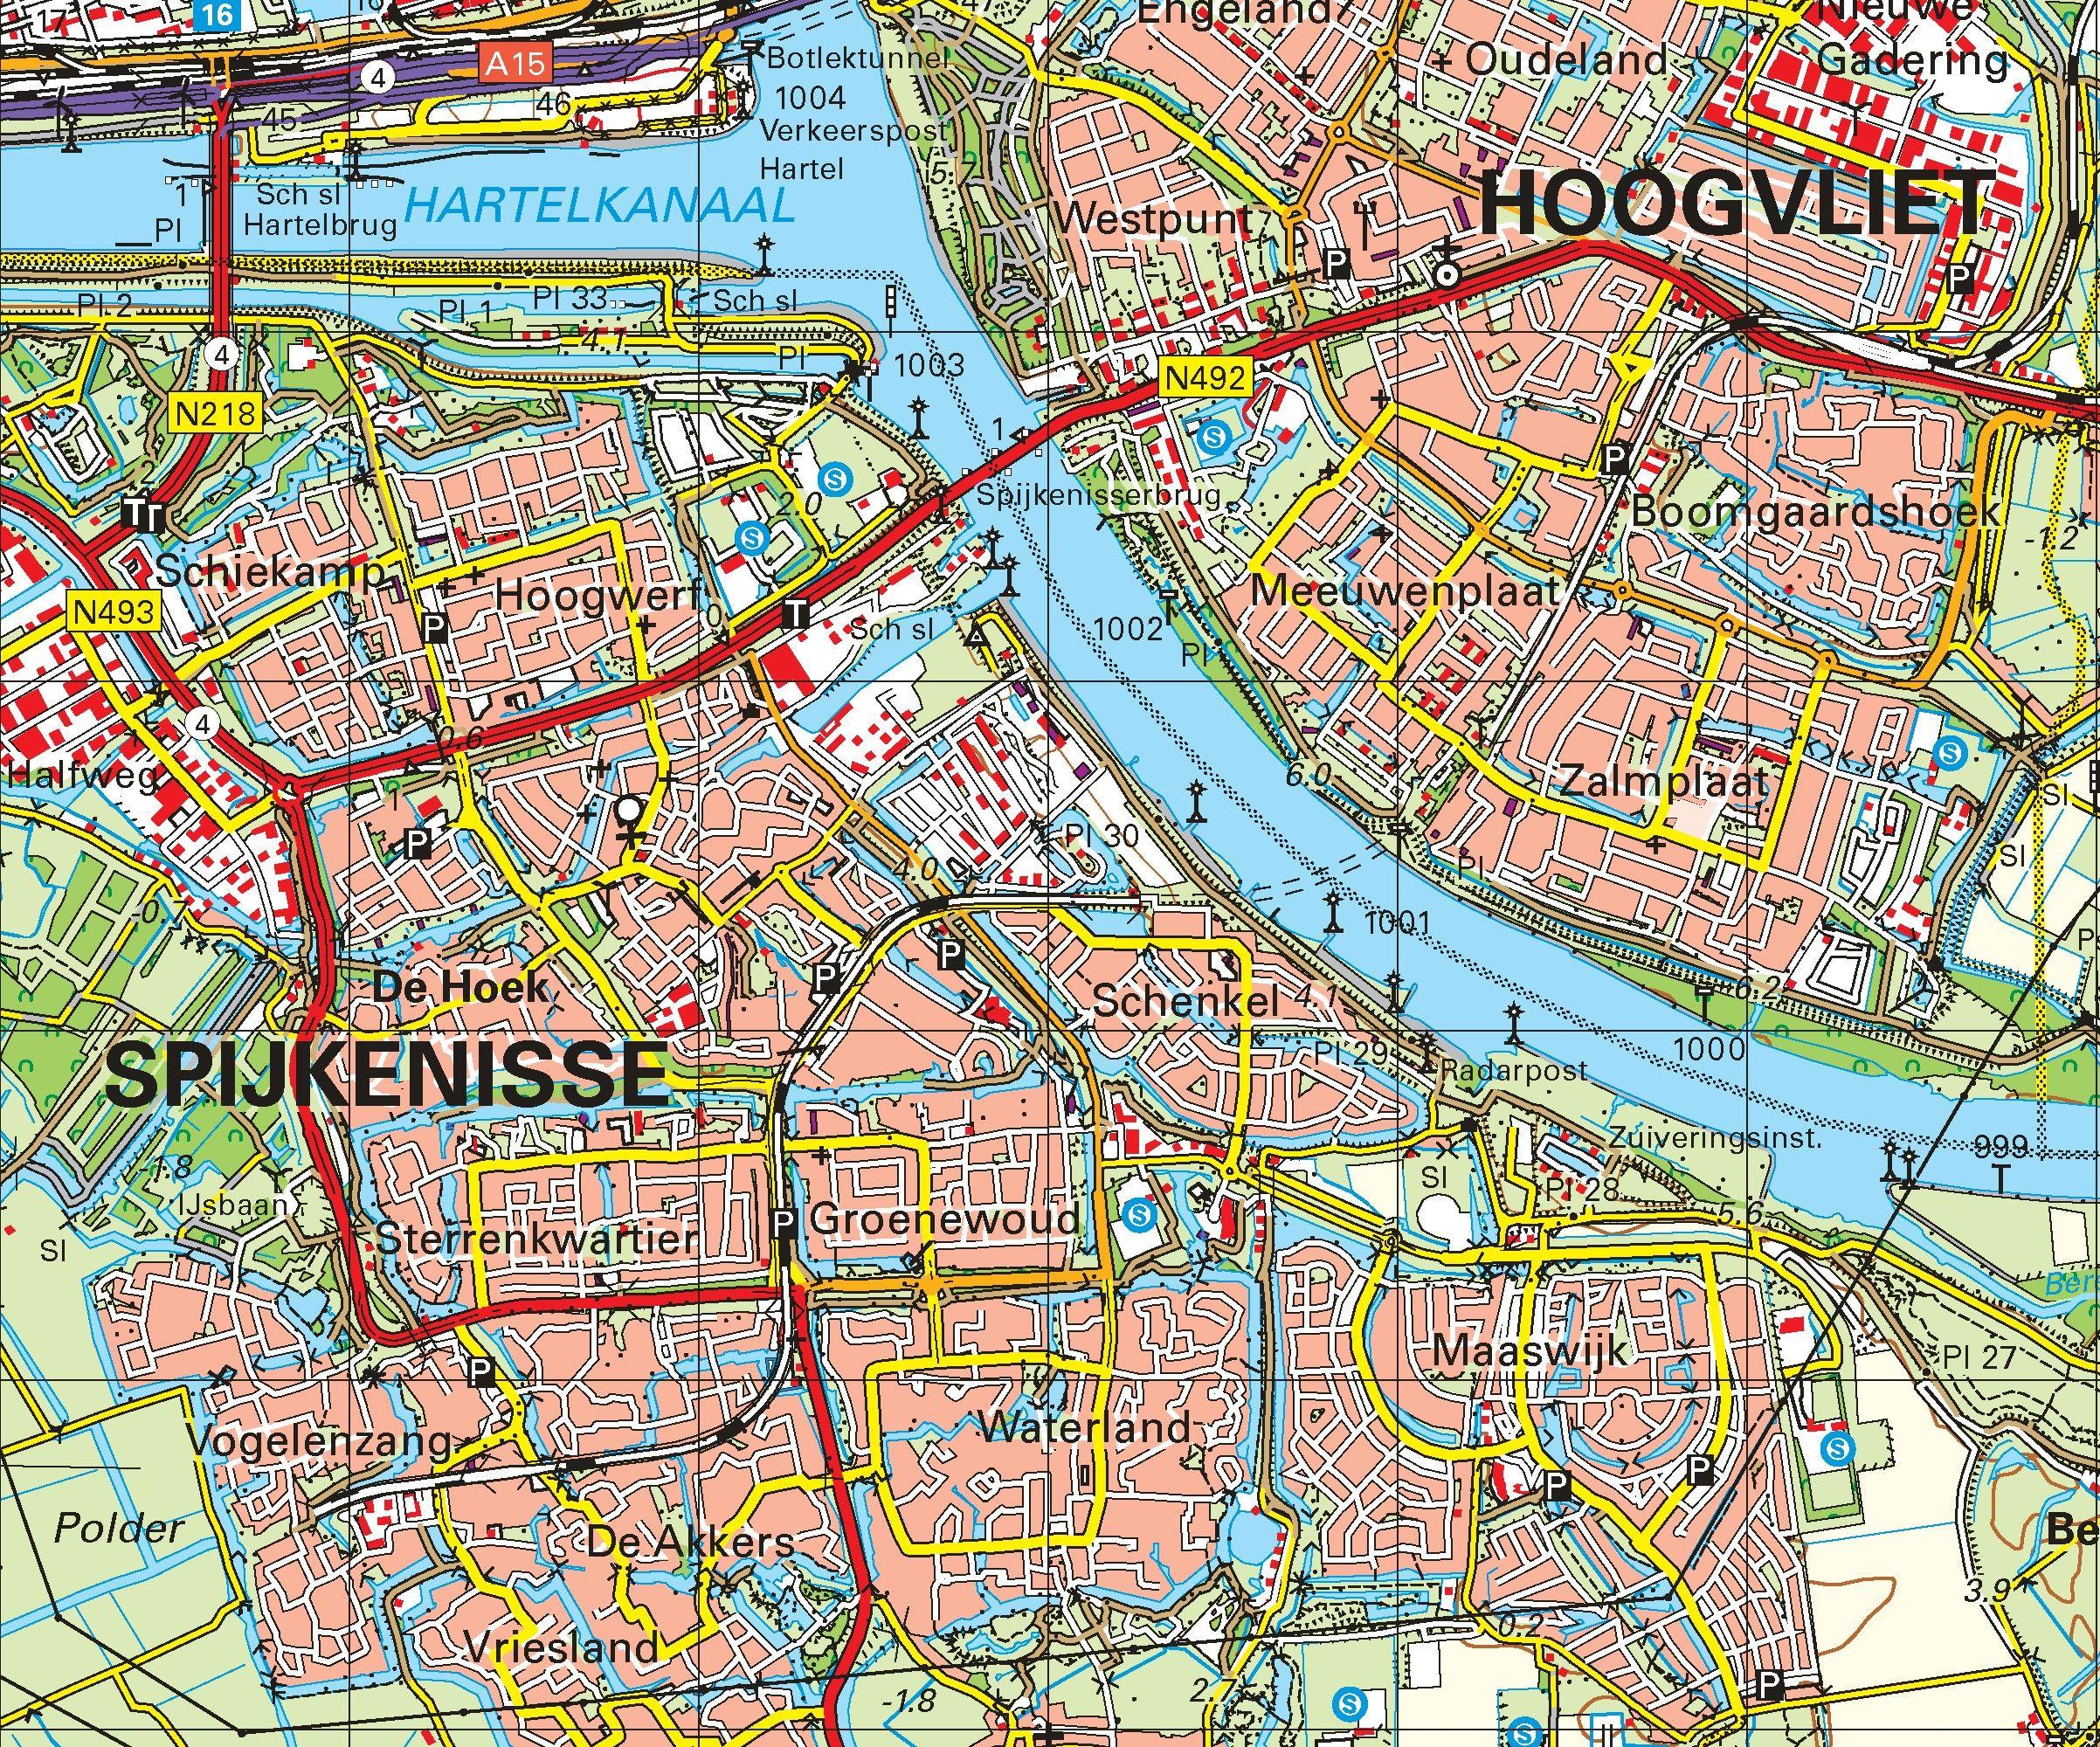 Topografische kaart schaal 1:50.000 (Rotterdam, Schiedam, Spijkenisse, Oud-Beijerland)